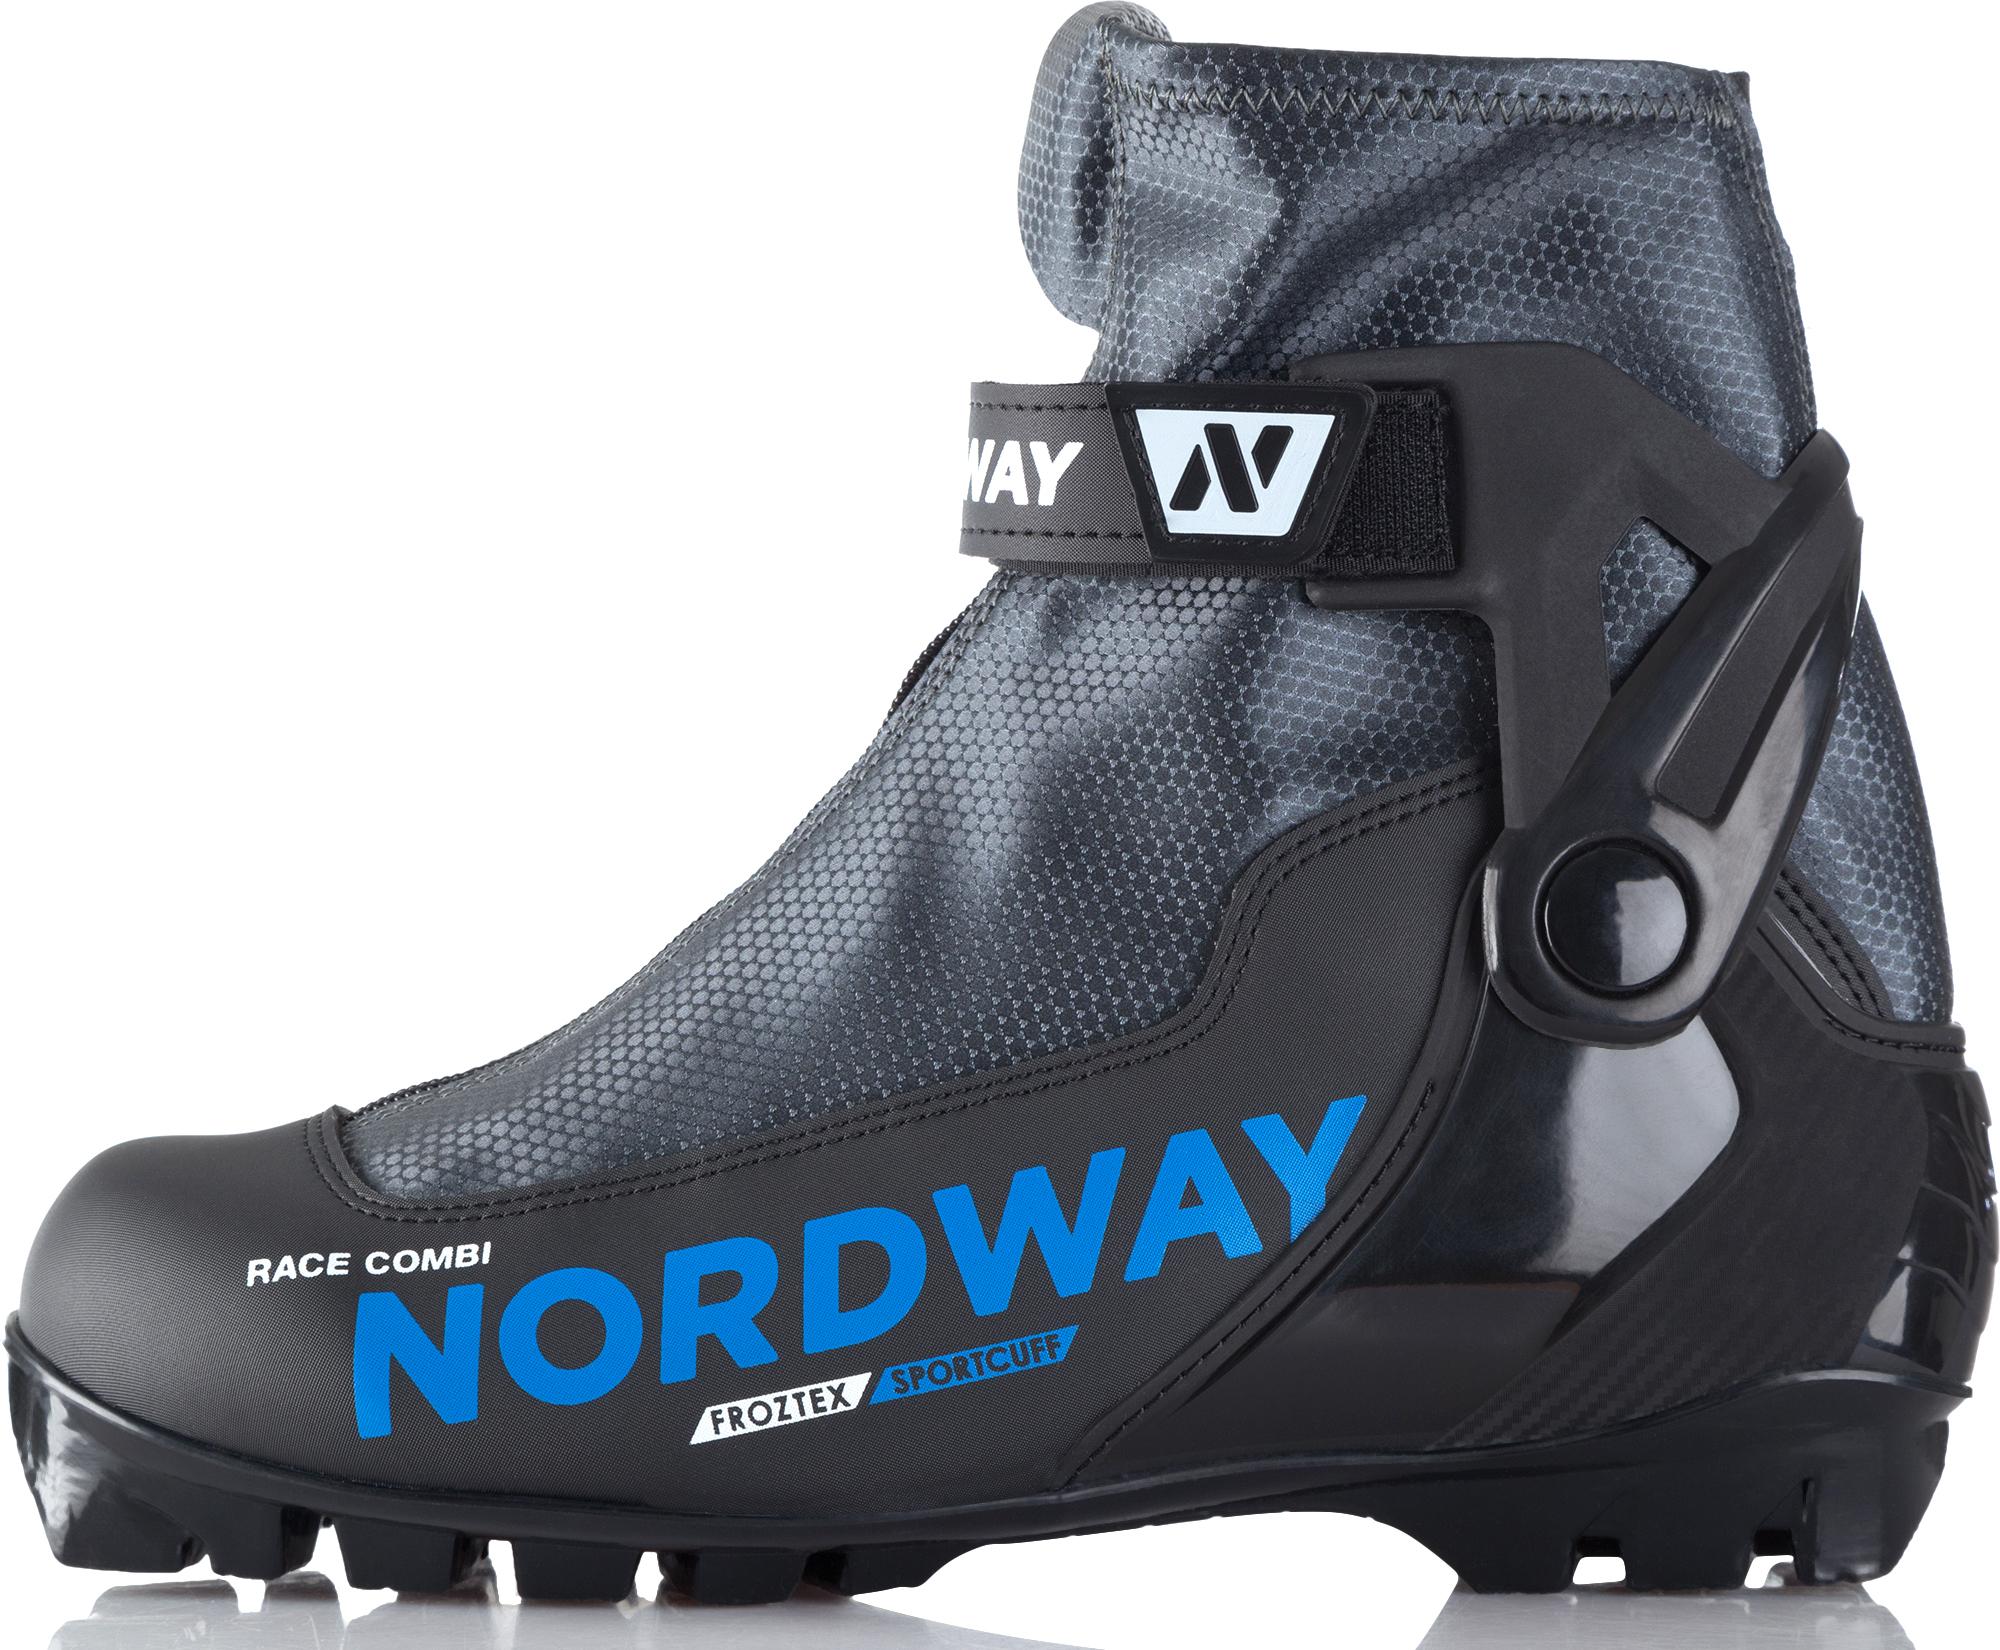 Nordway Ботинки для беговых лыж Nordway Race Combi цены